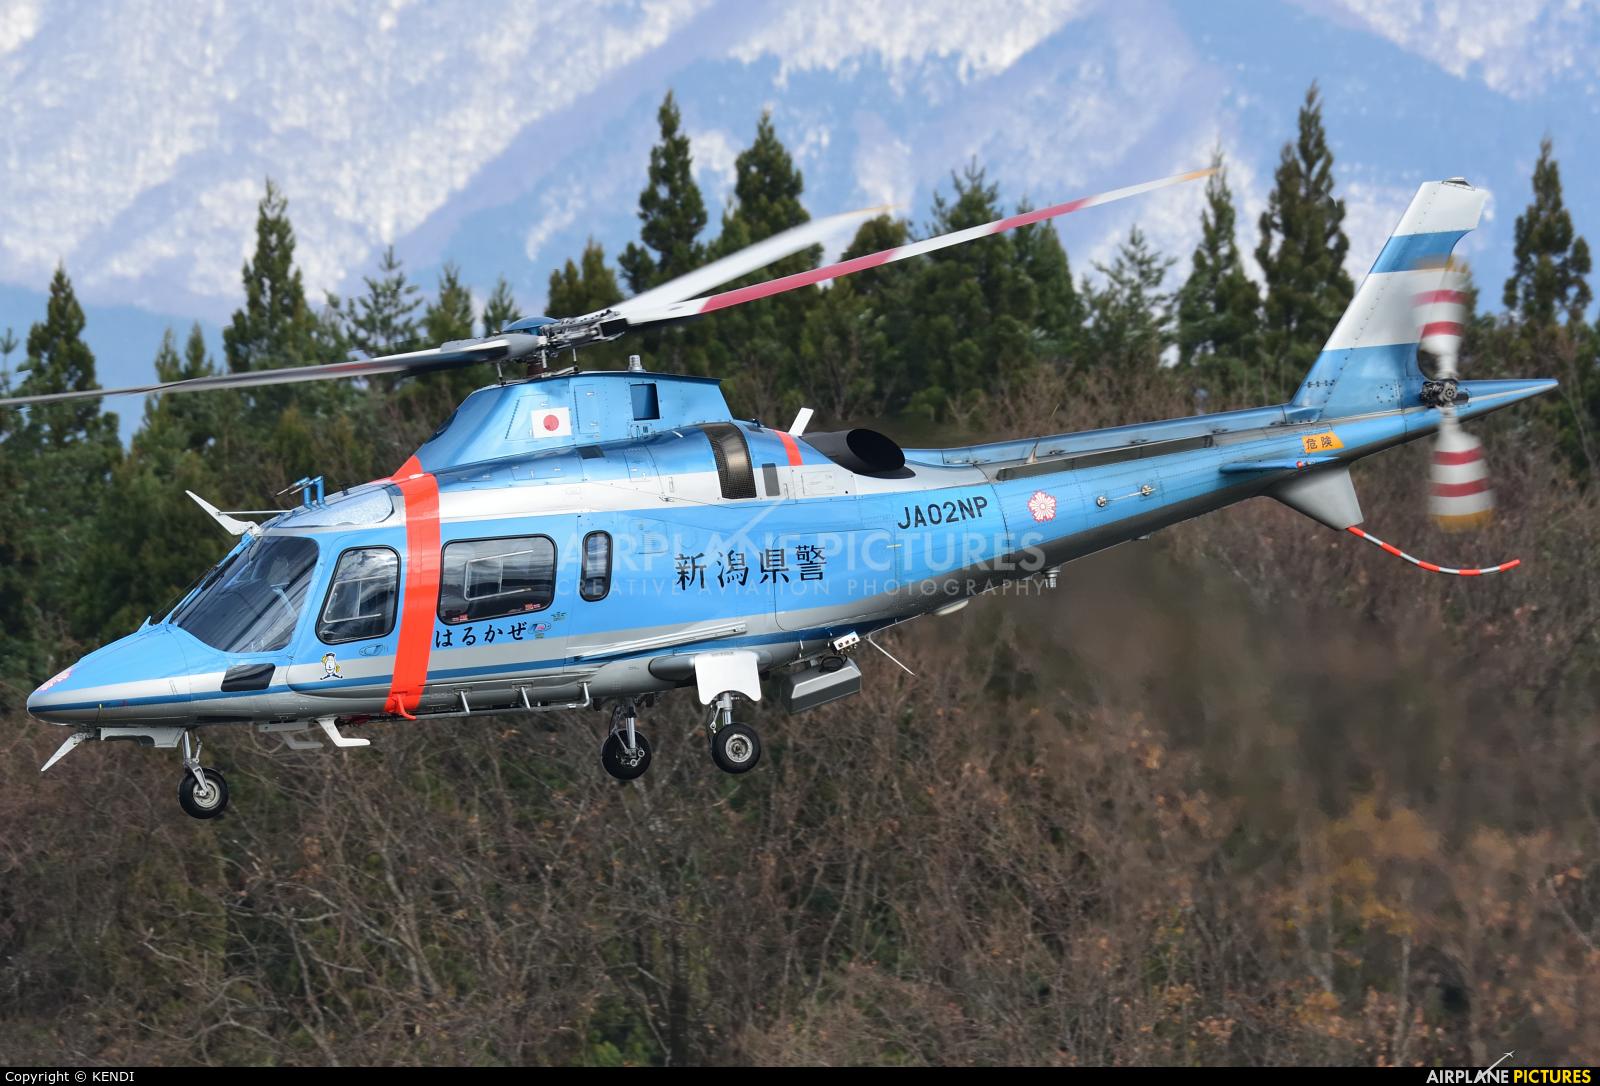 Japan - Police JA02NP aircraft at Akita